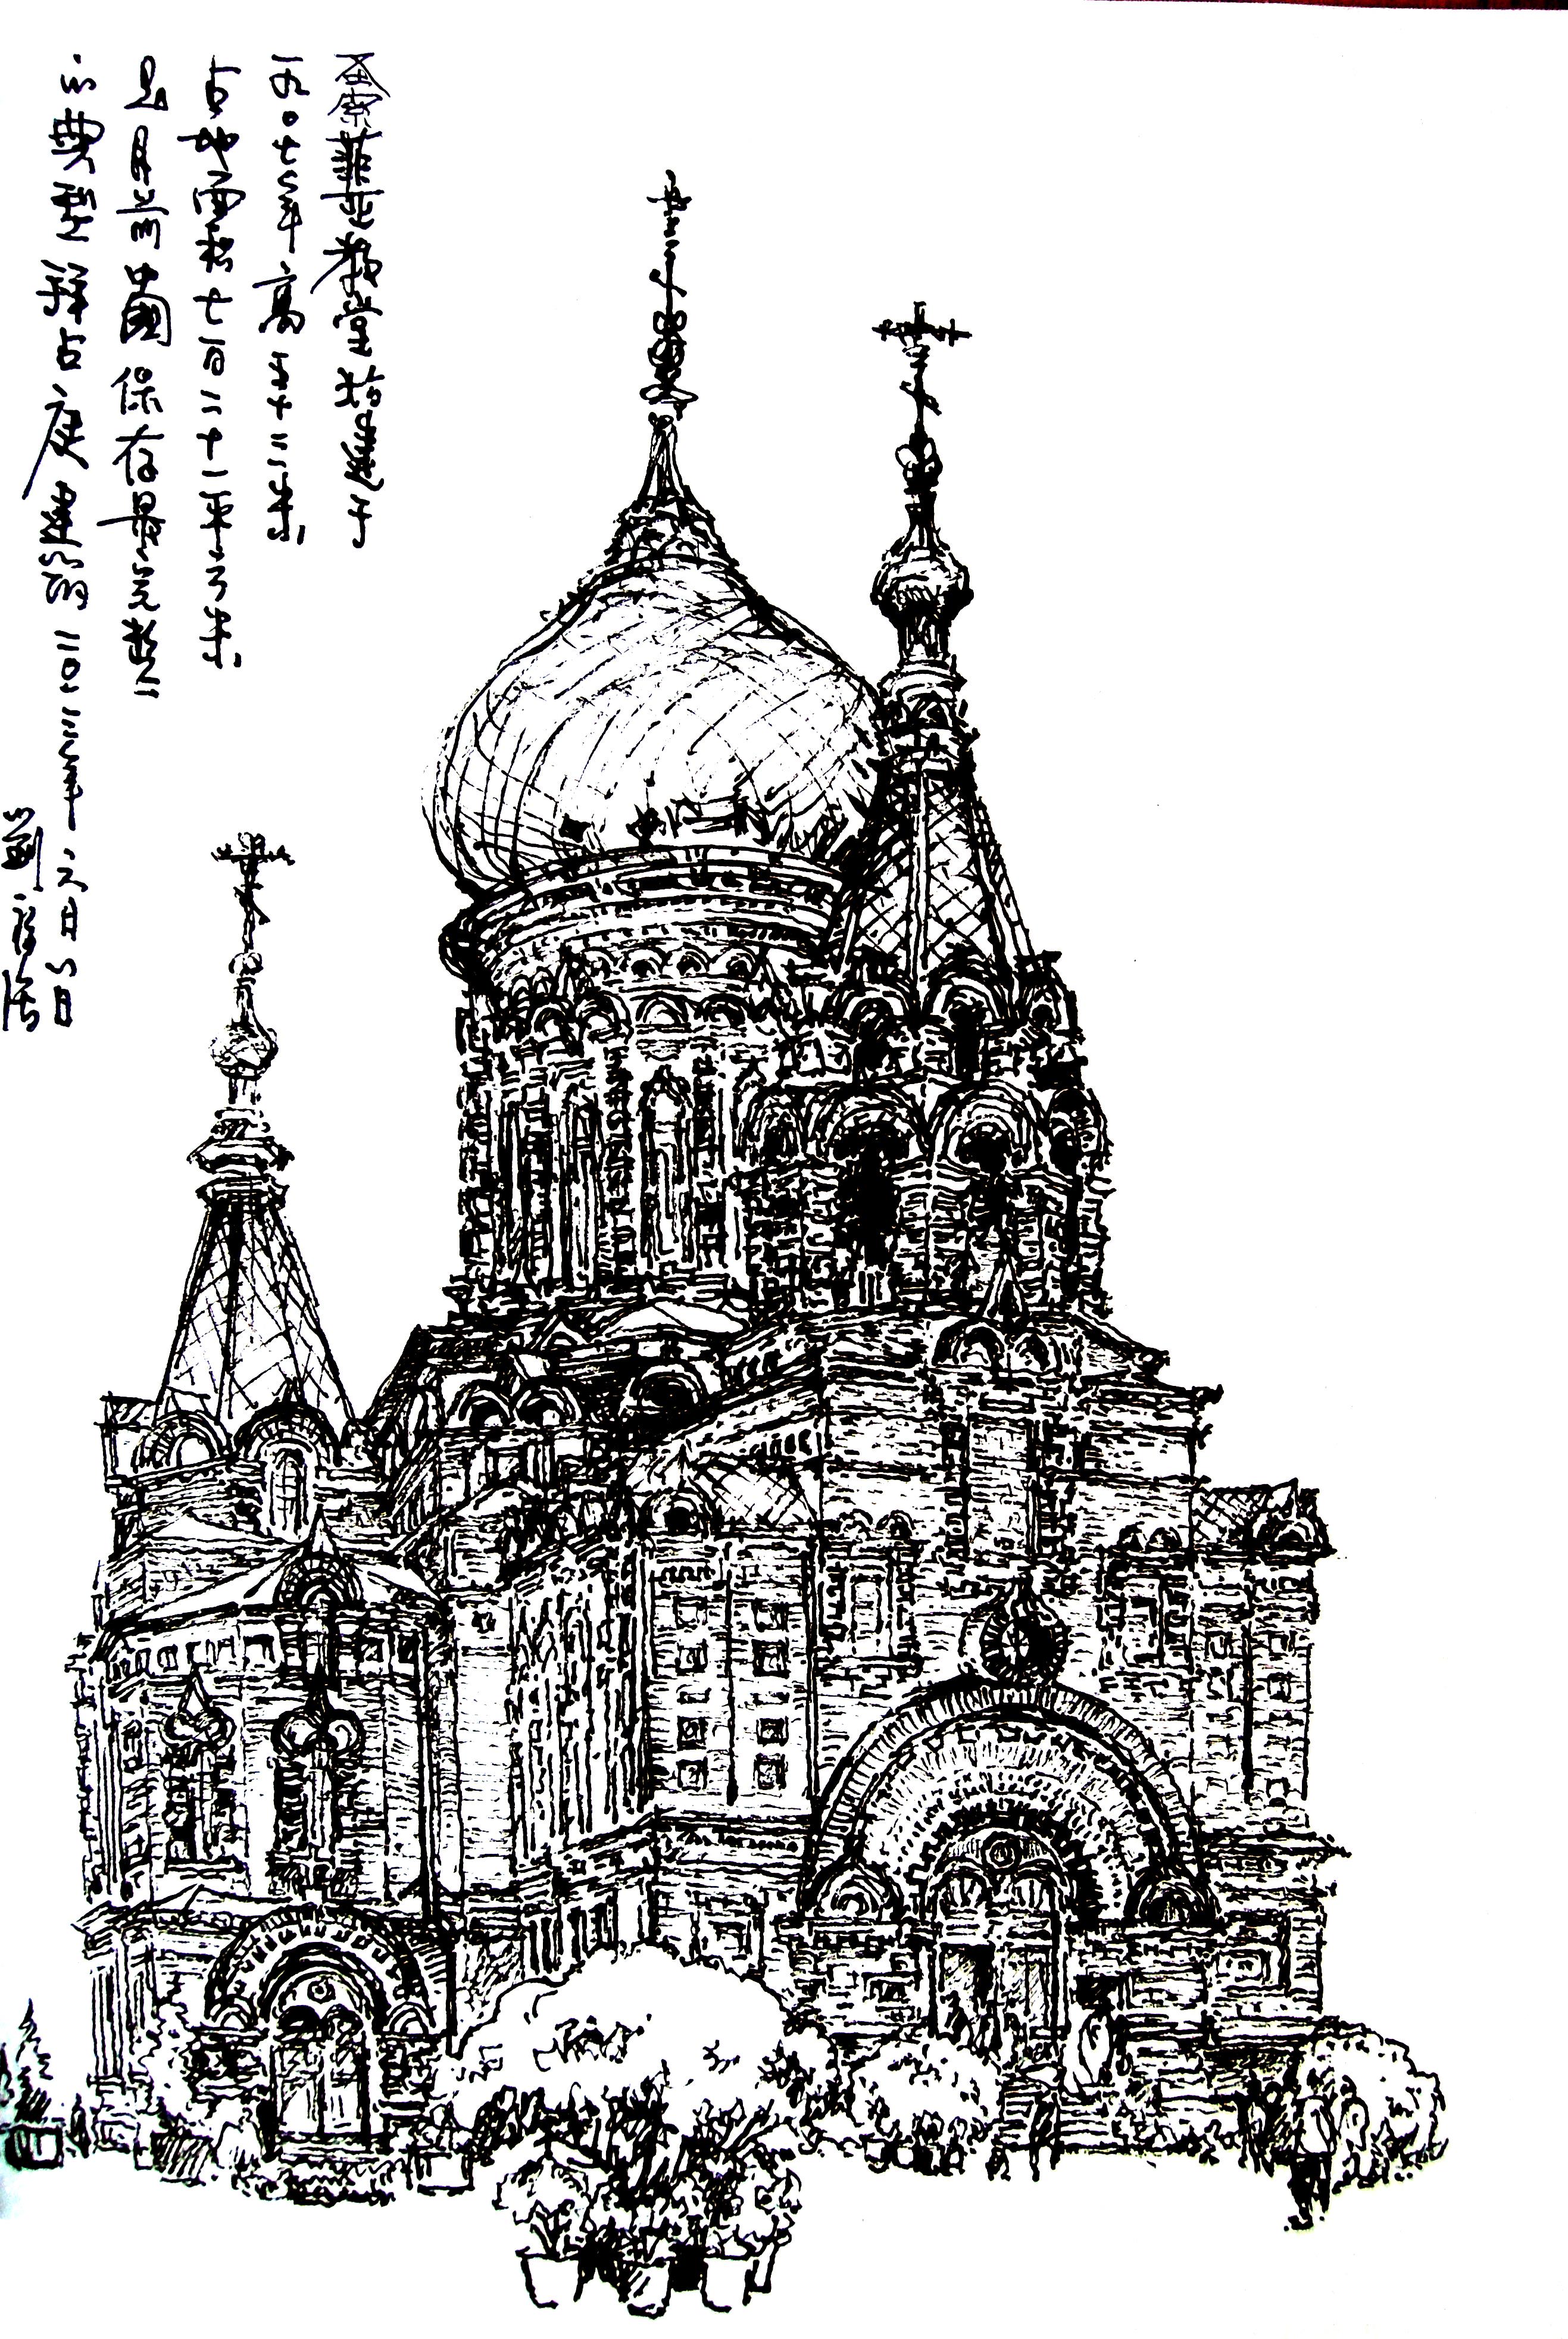 哈尔滨索菲亚教堂建于1907年是中国保存最完整的拜占庭建筑